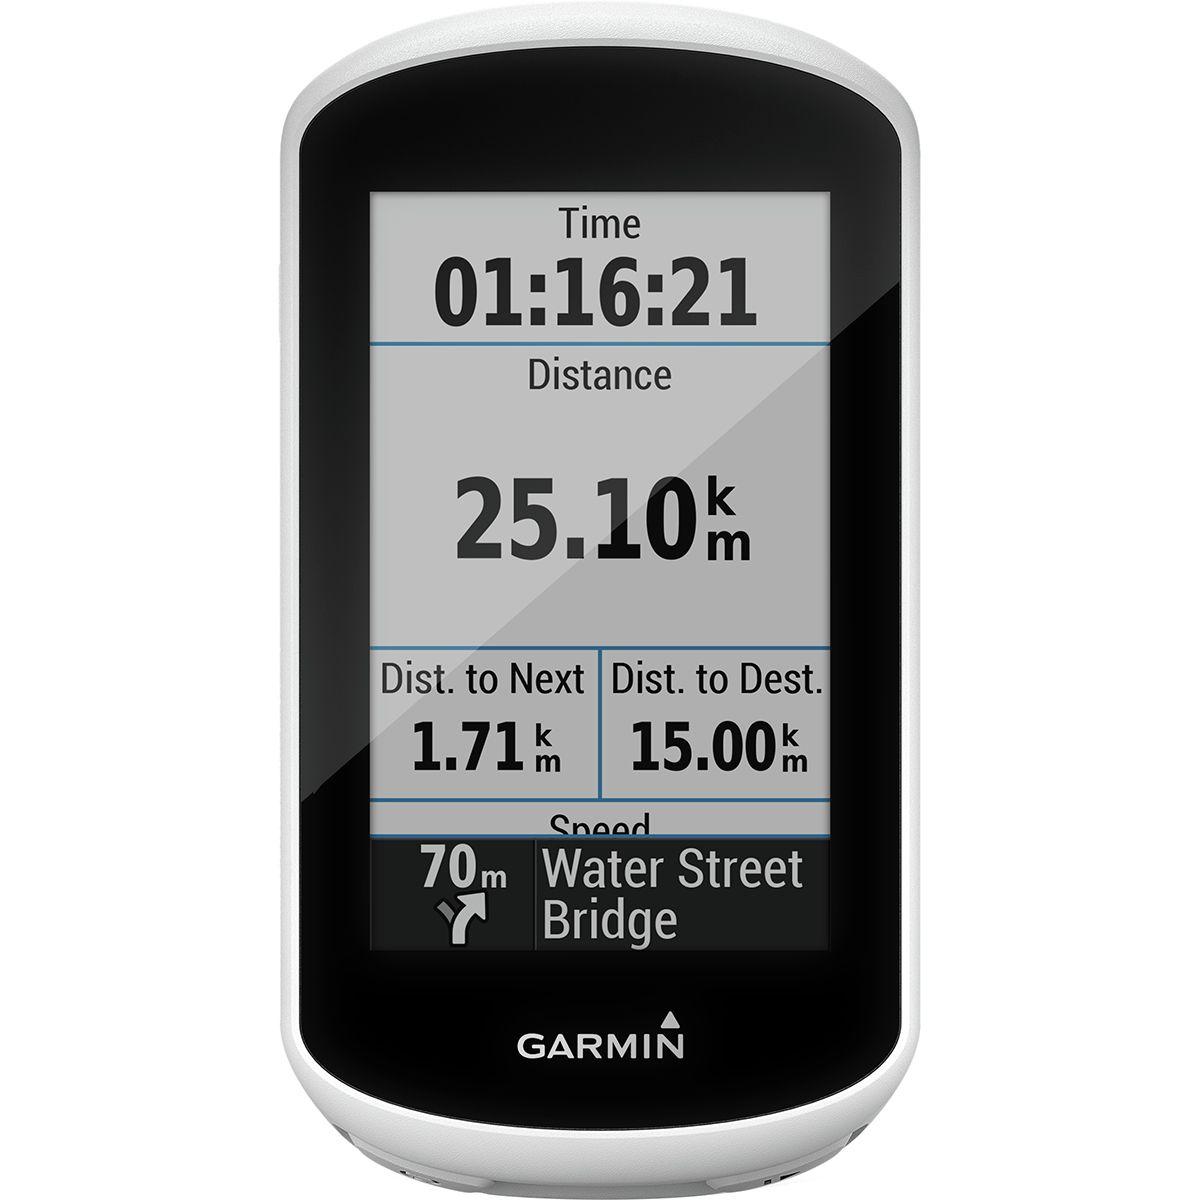 Garmin Edge Explore Bike Computer